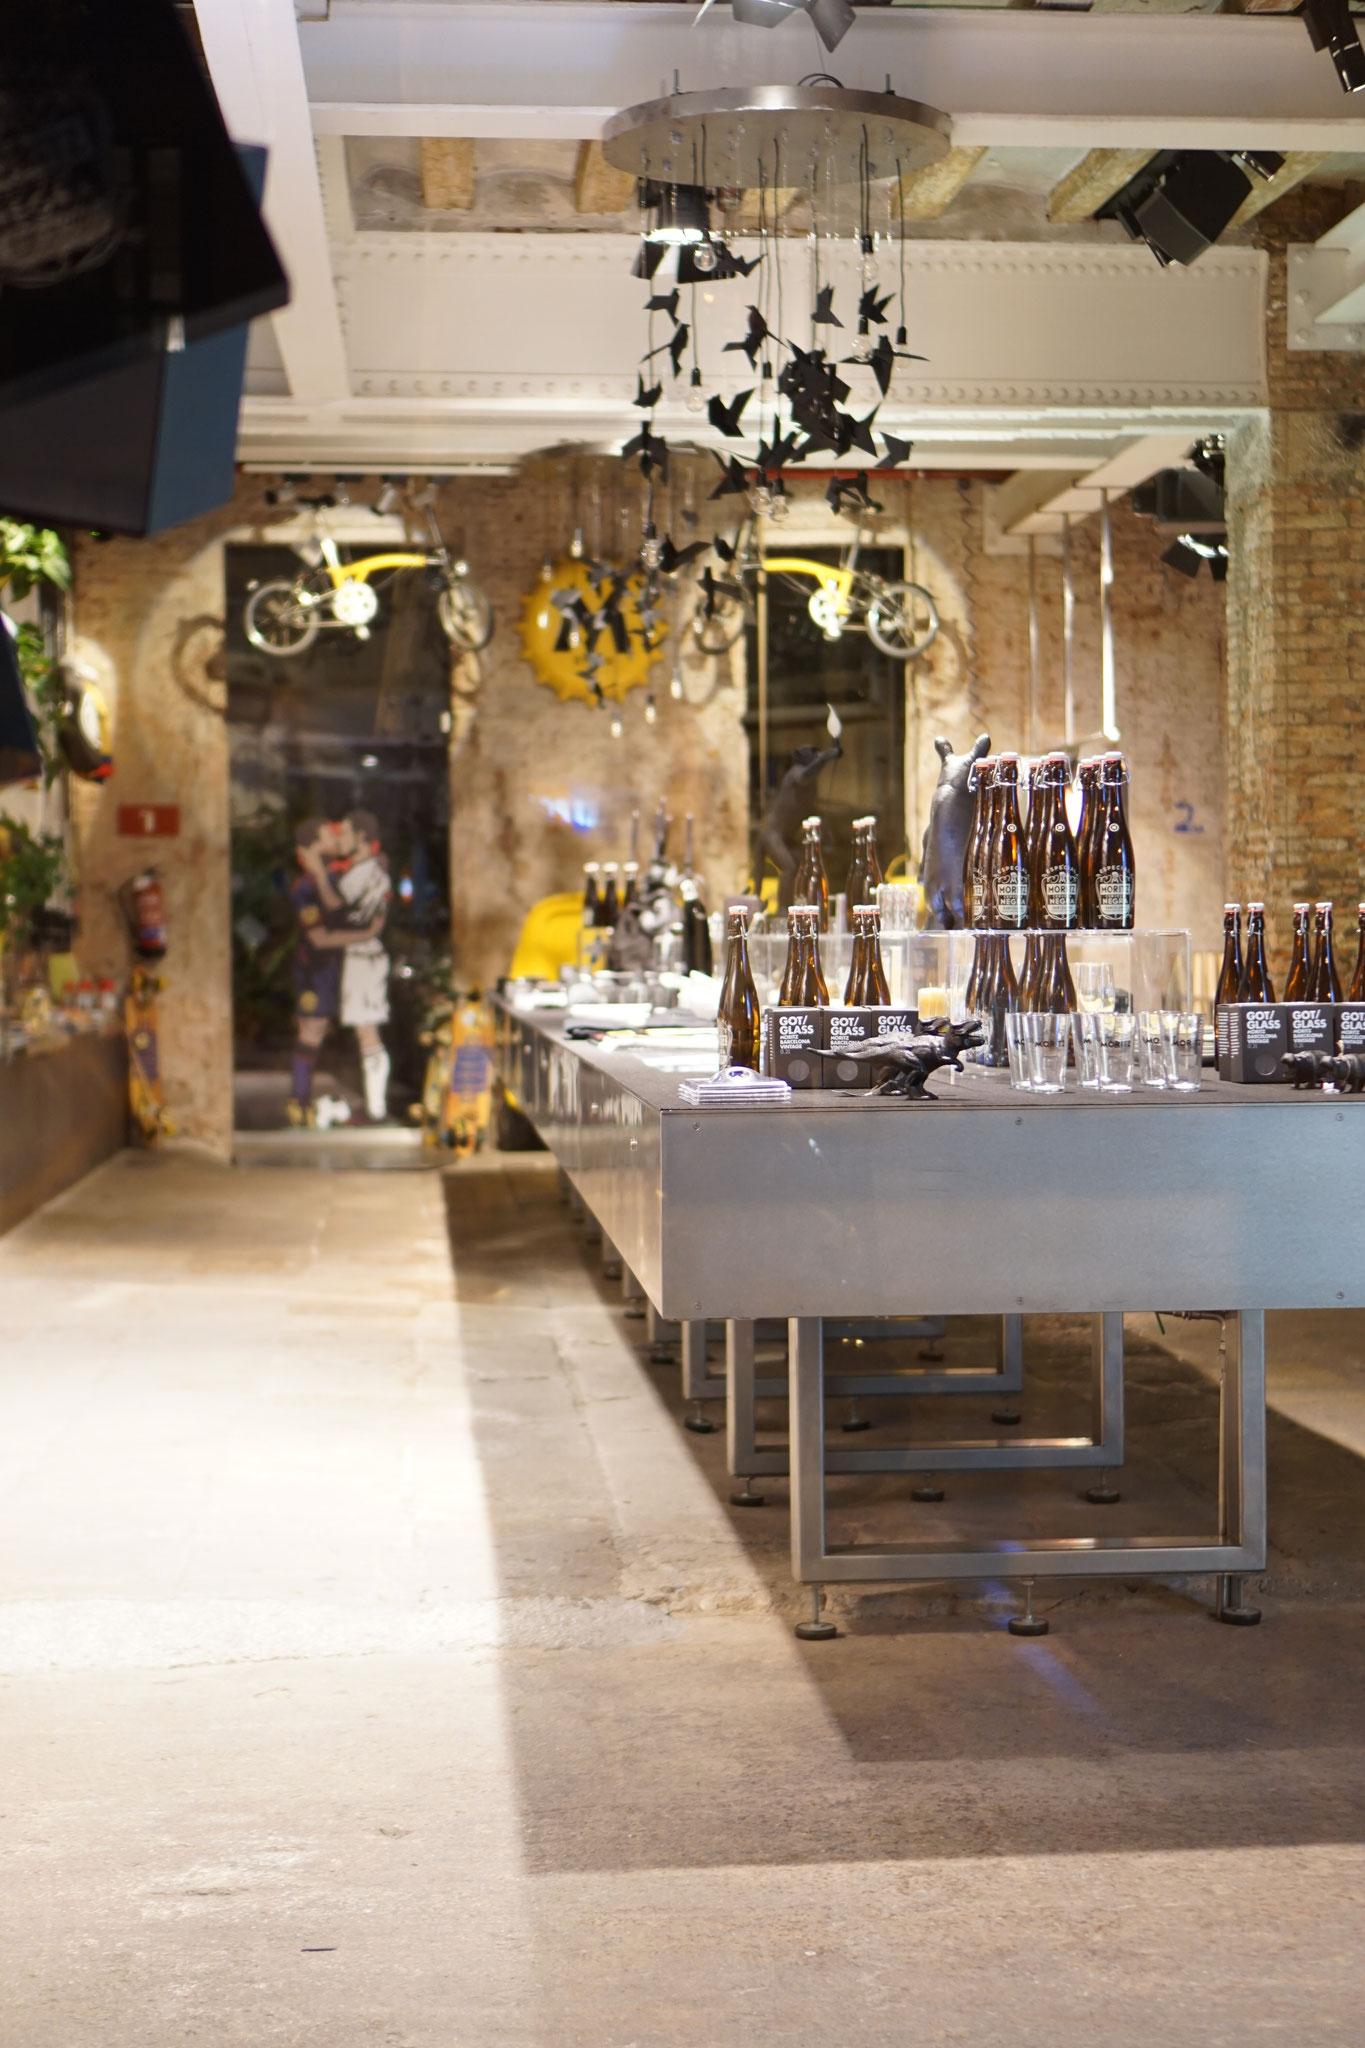 image 0 7 0 0 | Barcelona ist unsere absolute Lieblingsstadt und wir versuchen mindestensalle 2 Jahre dorthin zu reisen. Nicht nur, dass die spanische Großstadt unglaublich vielseitig ist, auch kulinarisch weiß sie voll und ganz zu überzeugen. Denn auch hier zeigt sich die Wandelbarkeit der Stadt, die sowohl einen wunderschönen Strand aber auch ein urbanes, pulsierendes Stadtleben zu bieten hat. Daher wurde es höchste Zeit, dass wir euch unsere Lieblingsrestaurants in Barcelona vorstellen, denn hier gibt es definitiv nicht nur Tapas (auch wenn Tapas grandios sind).